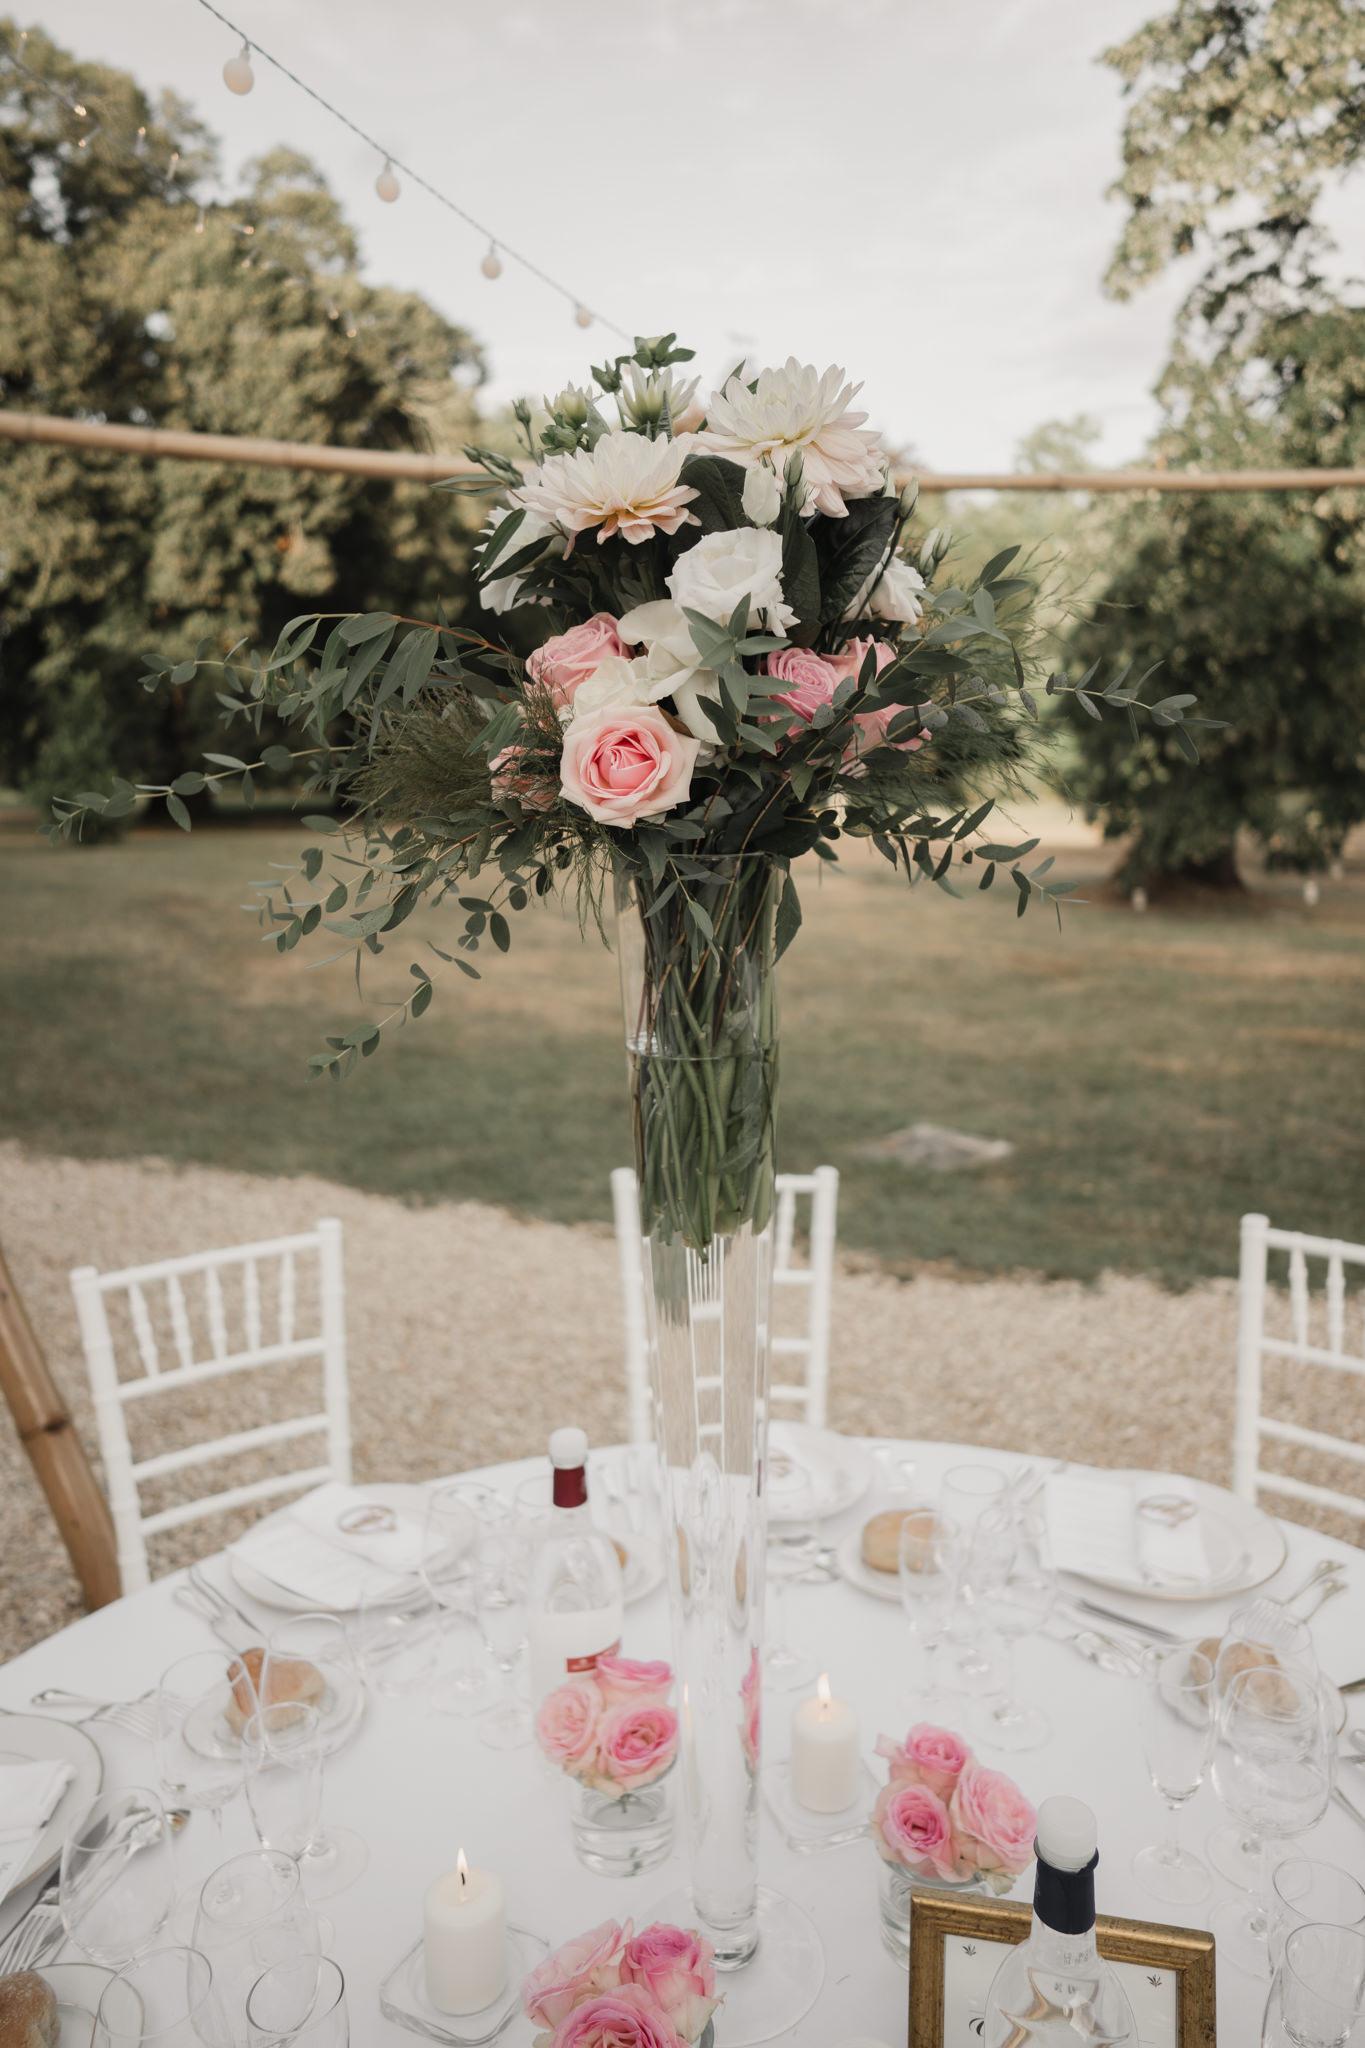 Centre de table et décoration en vase haut de mariage en rose et feuillage d'un mariage à Léognan.